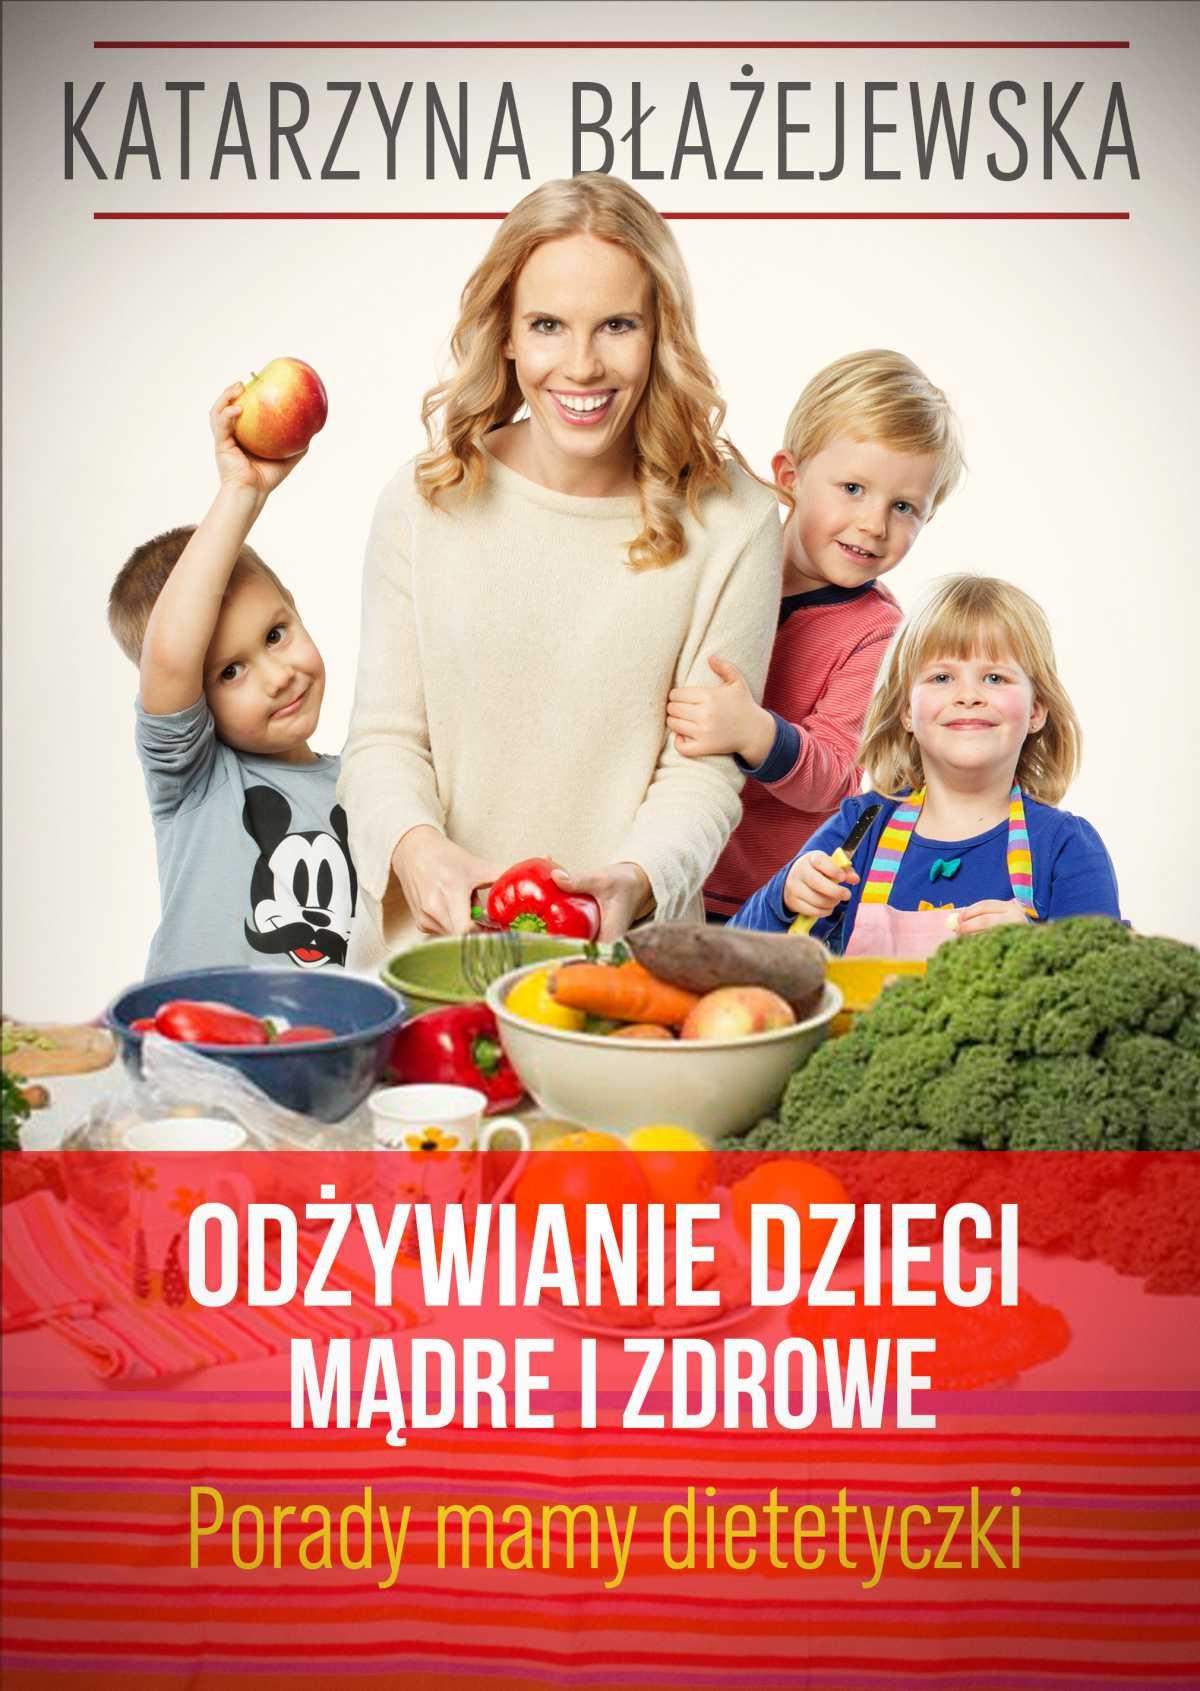 Odżywianie dzieci mądre i zdrowe. Porady mamy dietetyczki - Ebook (Książka na Kindle) do pobrania w formacie MOBI